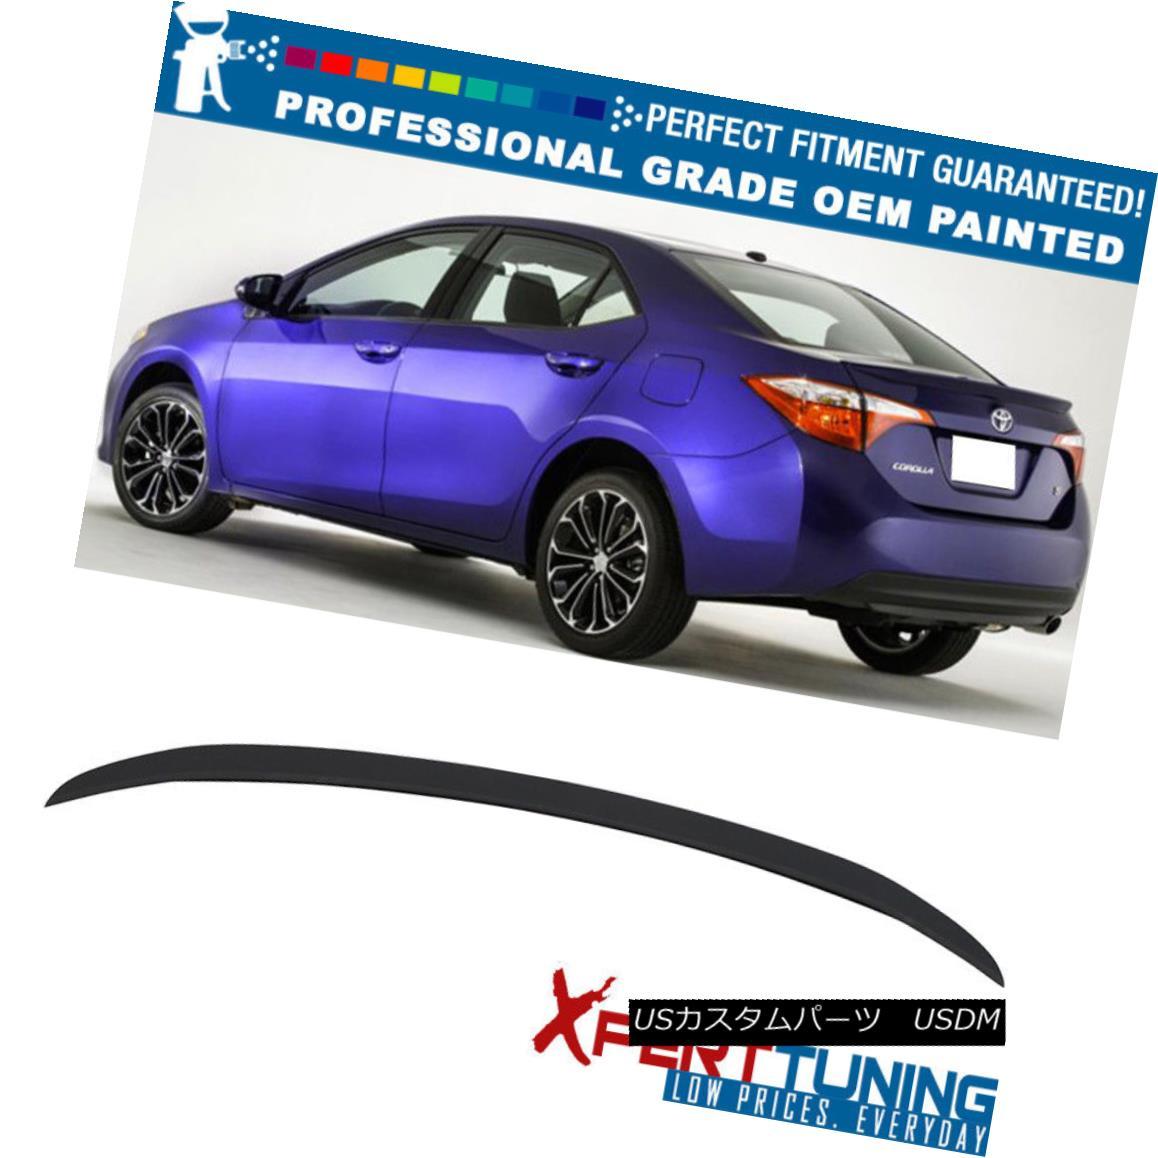 エアロパーツ Fit 14-18 Toyota Corolla Sedan OE Factory Trunk Spoiler Wing - OEM Painted Color フィット14-18トヨタカローラセダンOE工場トランクスポイラーウイング - OEM塗装色